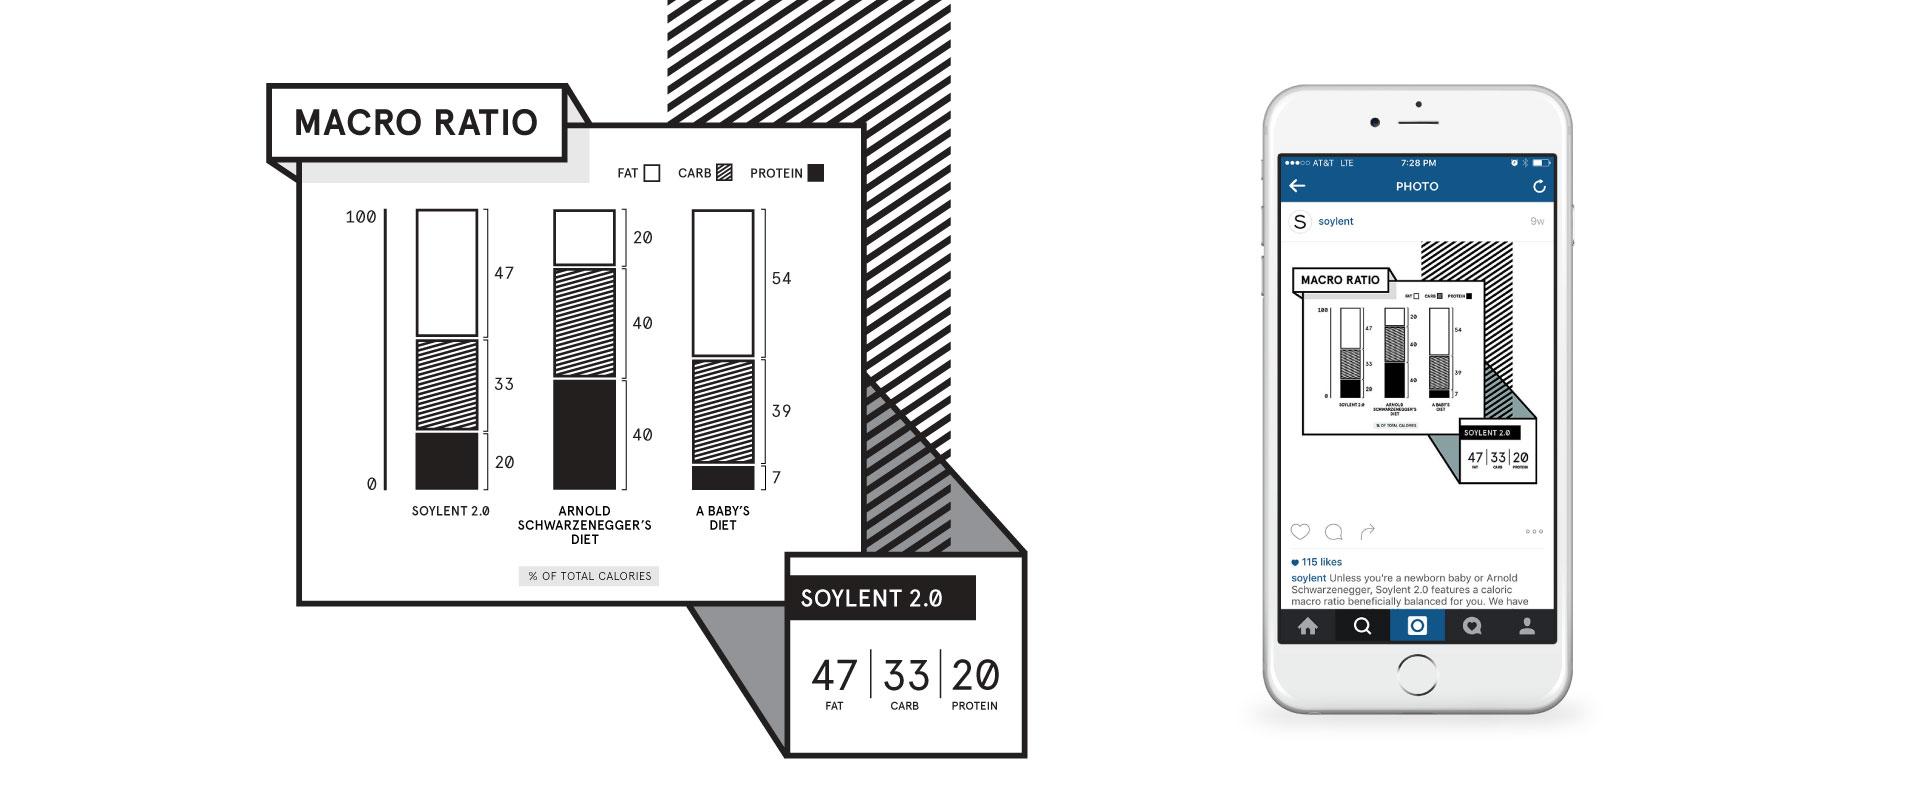 soylent_infographic_macroratio.jpg